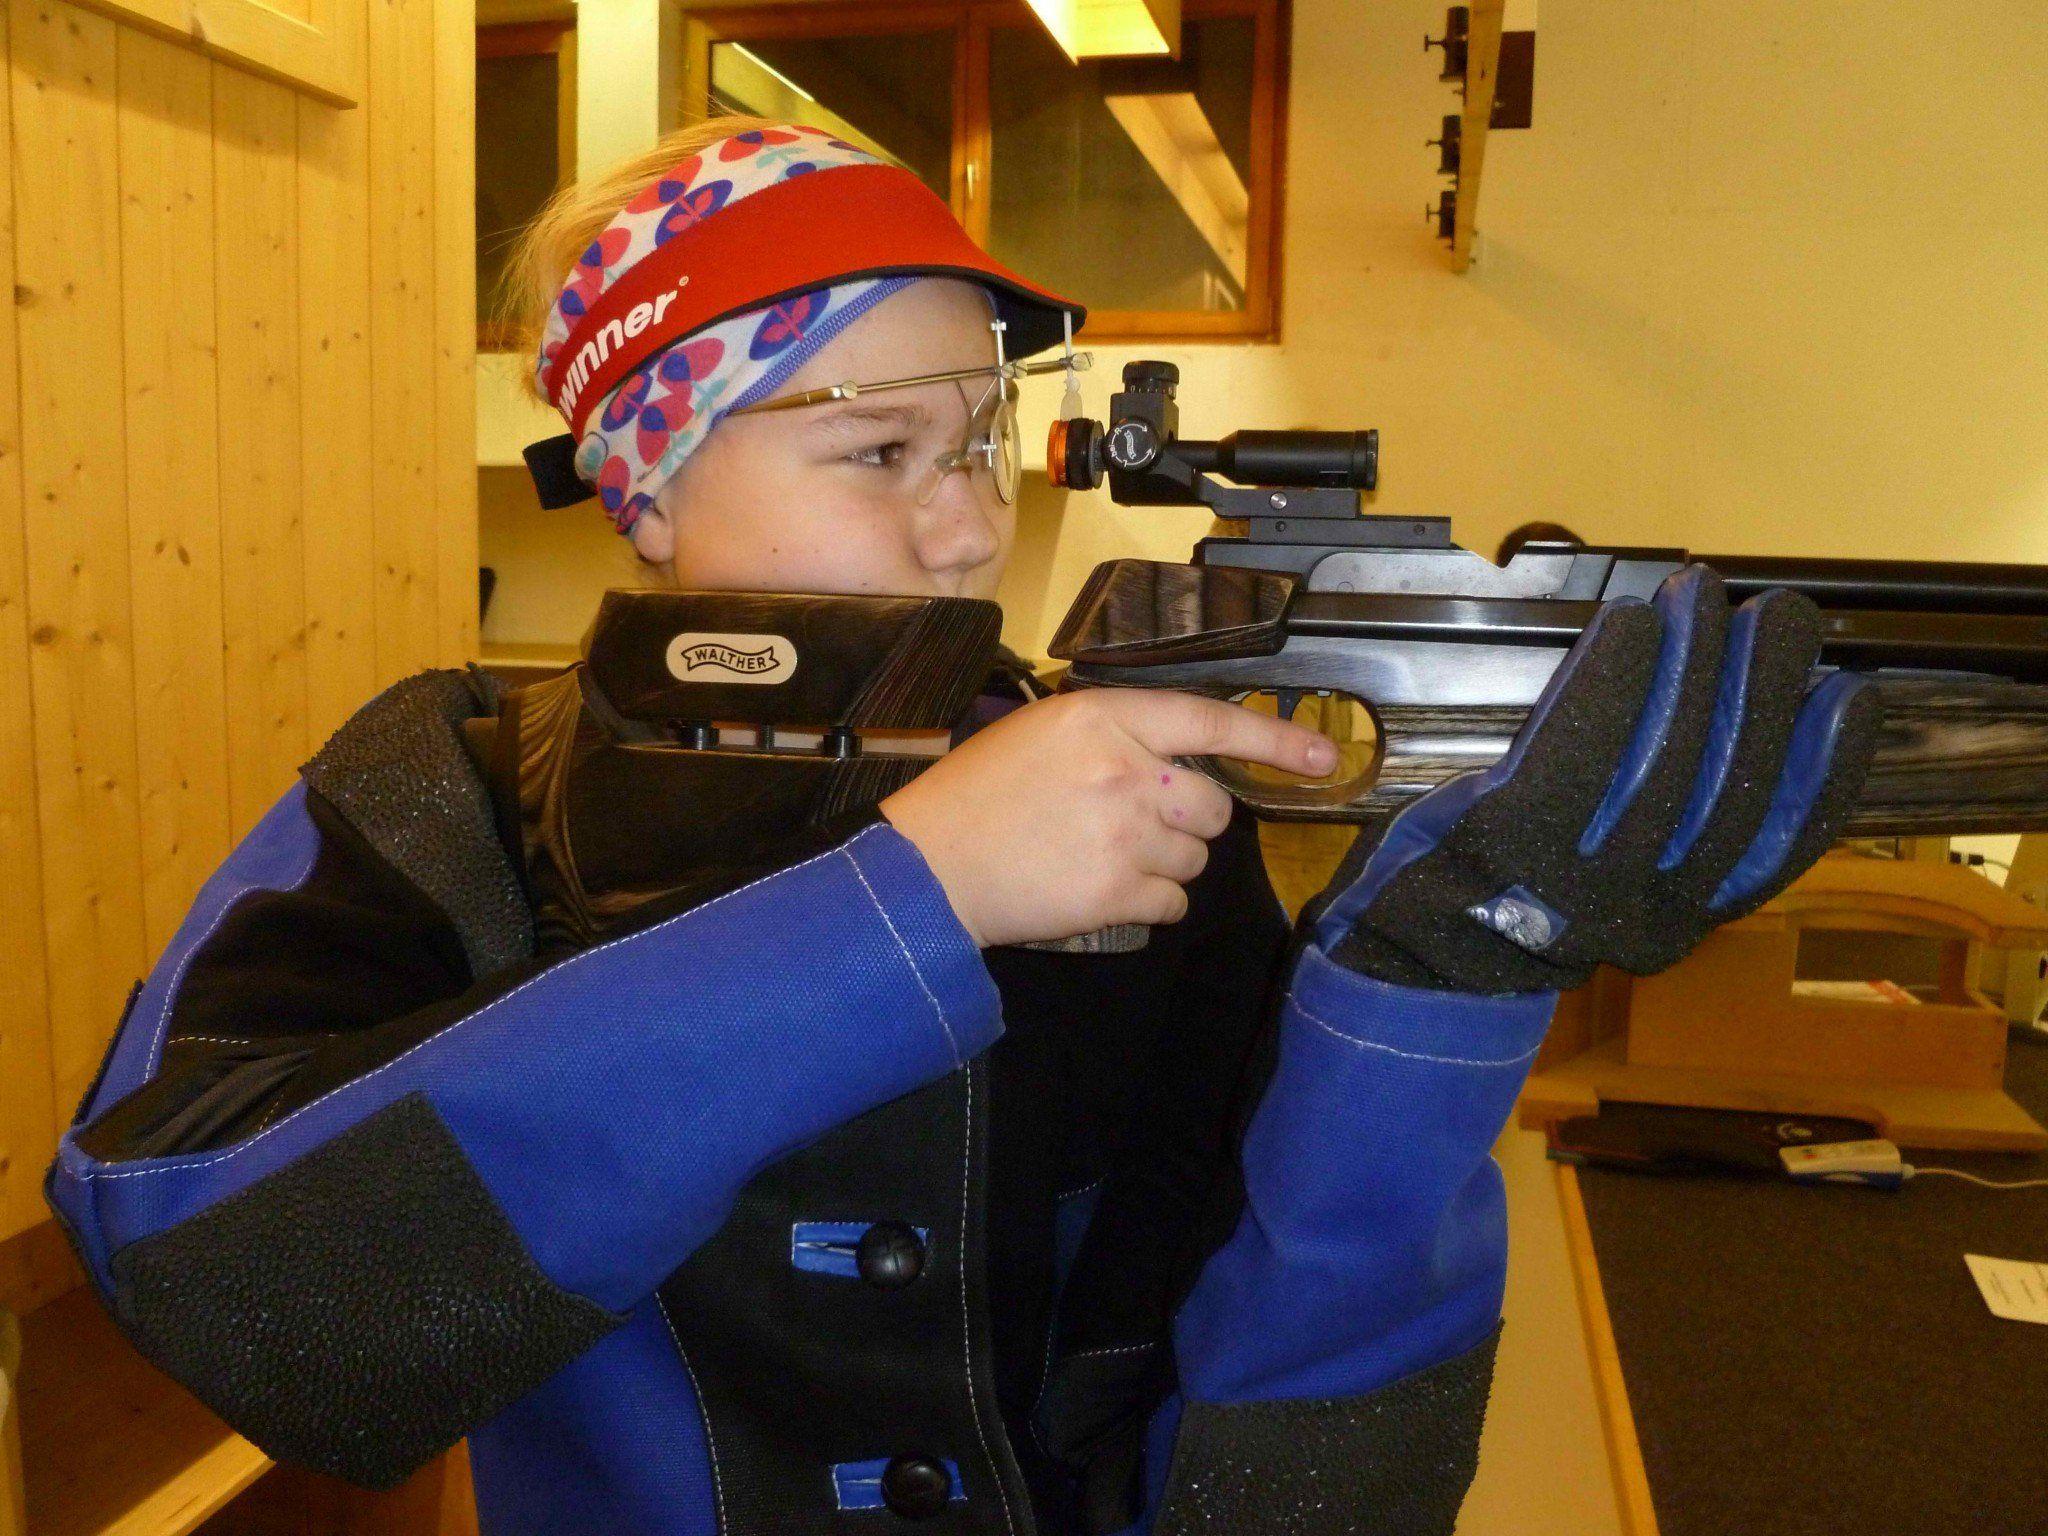 Sabrina Hopfner erreichte 362 Ringe in der Jungschützen-LG 40-Klasse